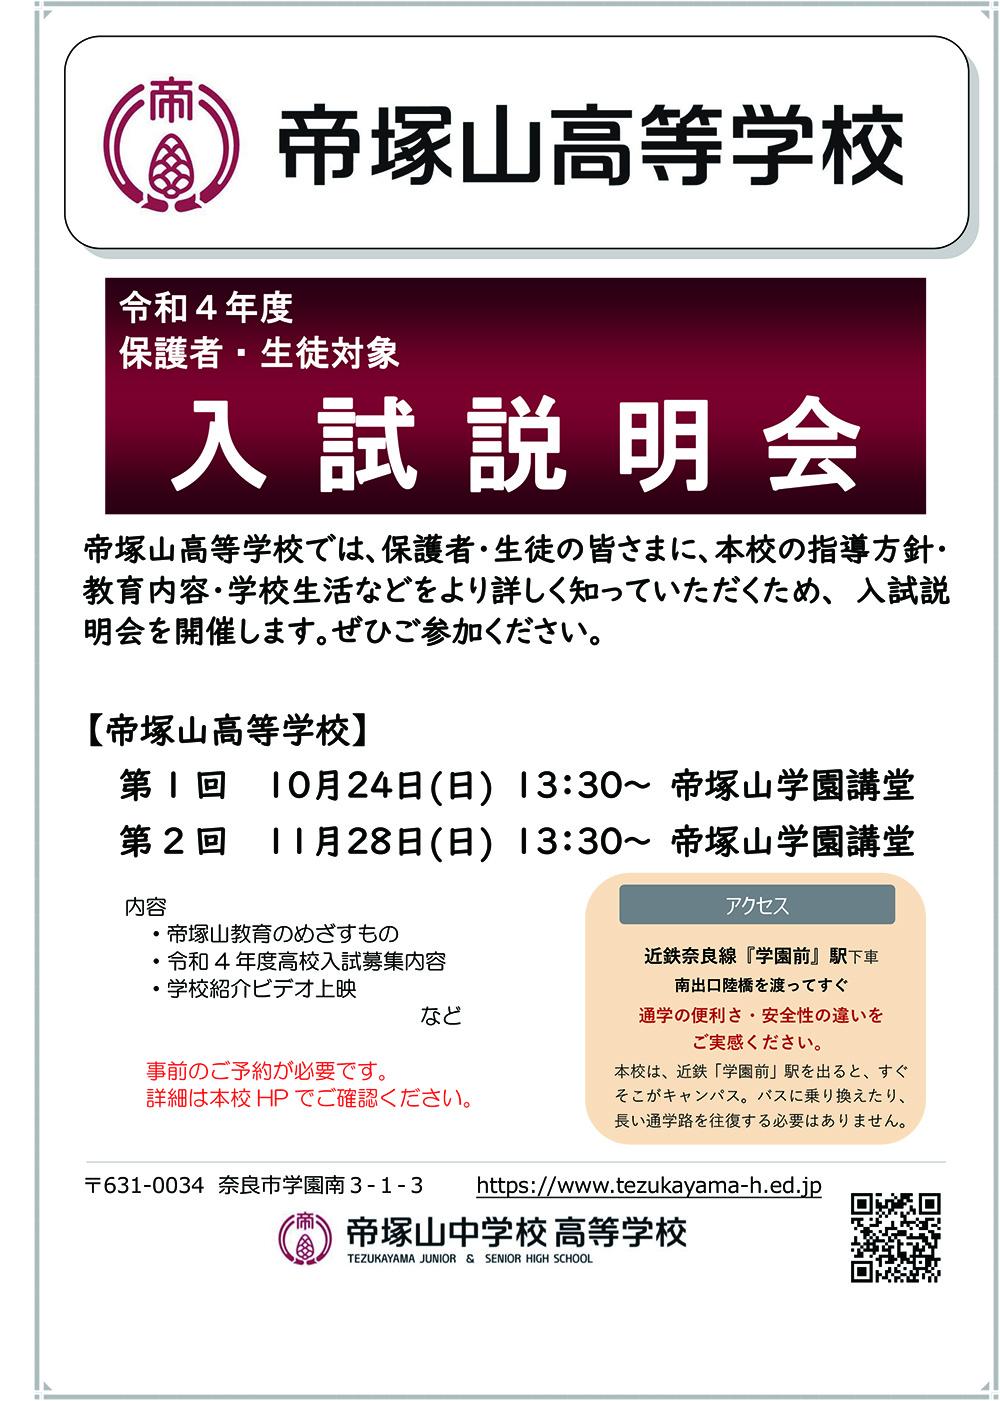 帝塚山高校2022